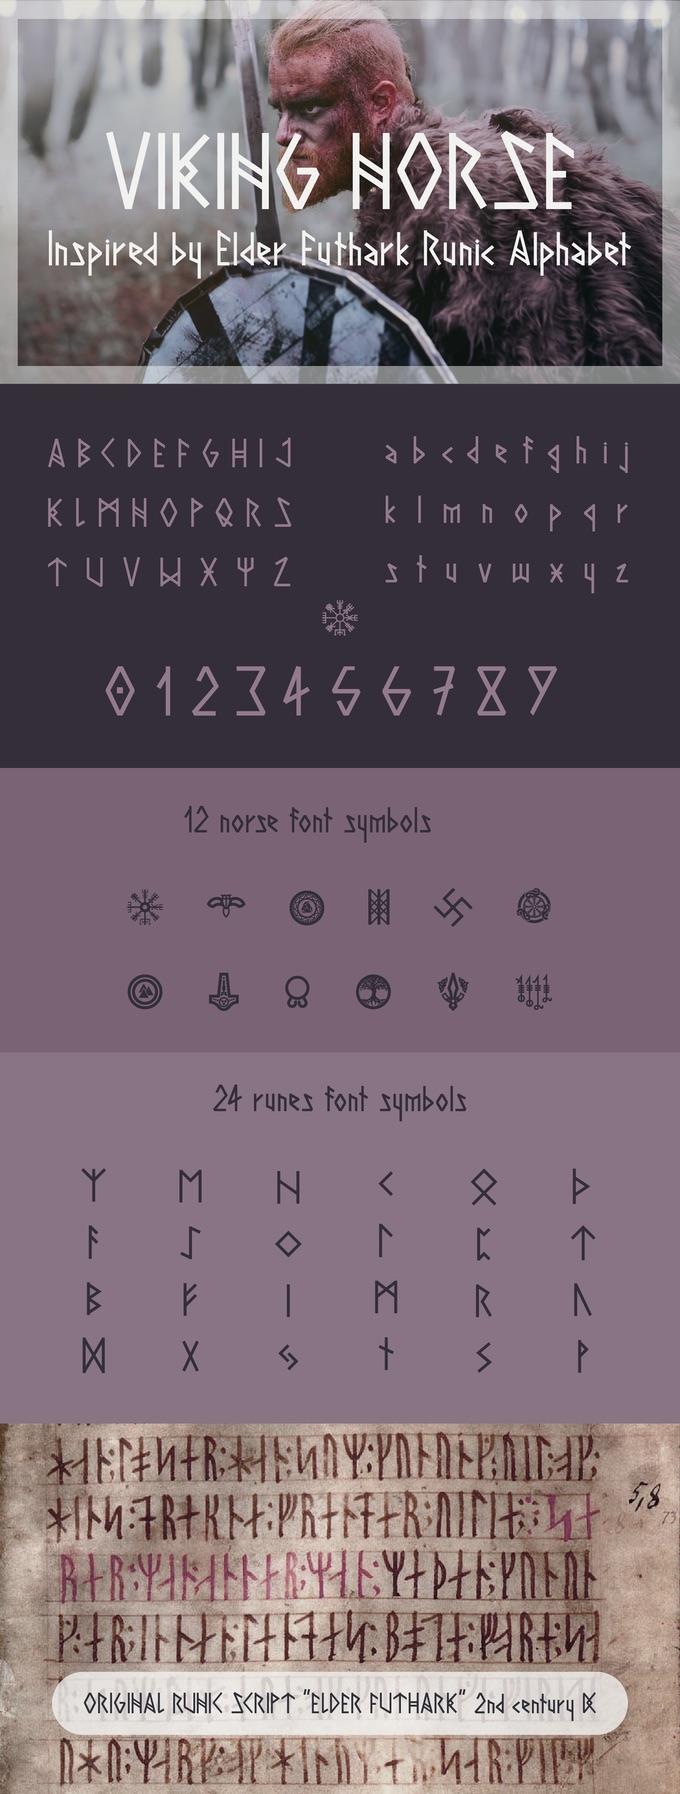 Viking Norse font